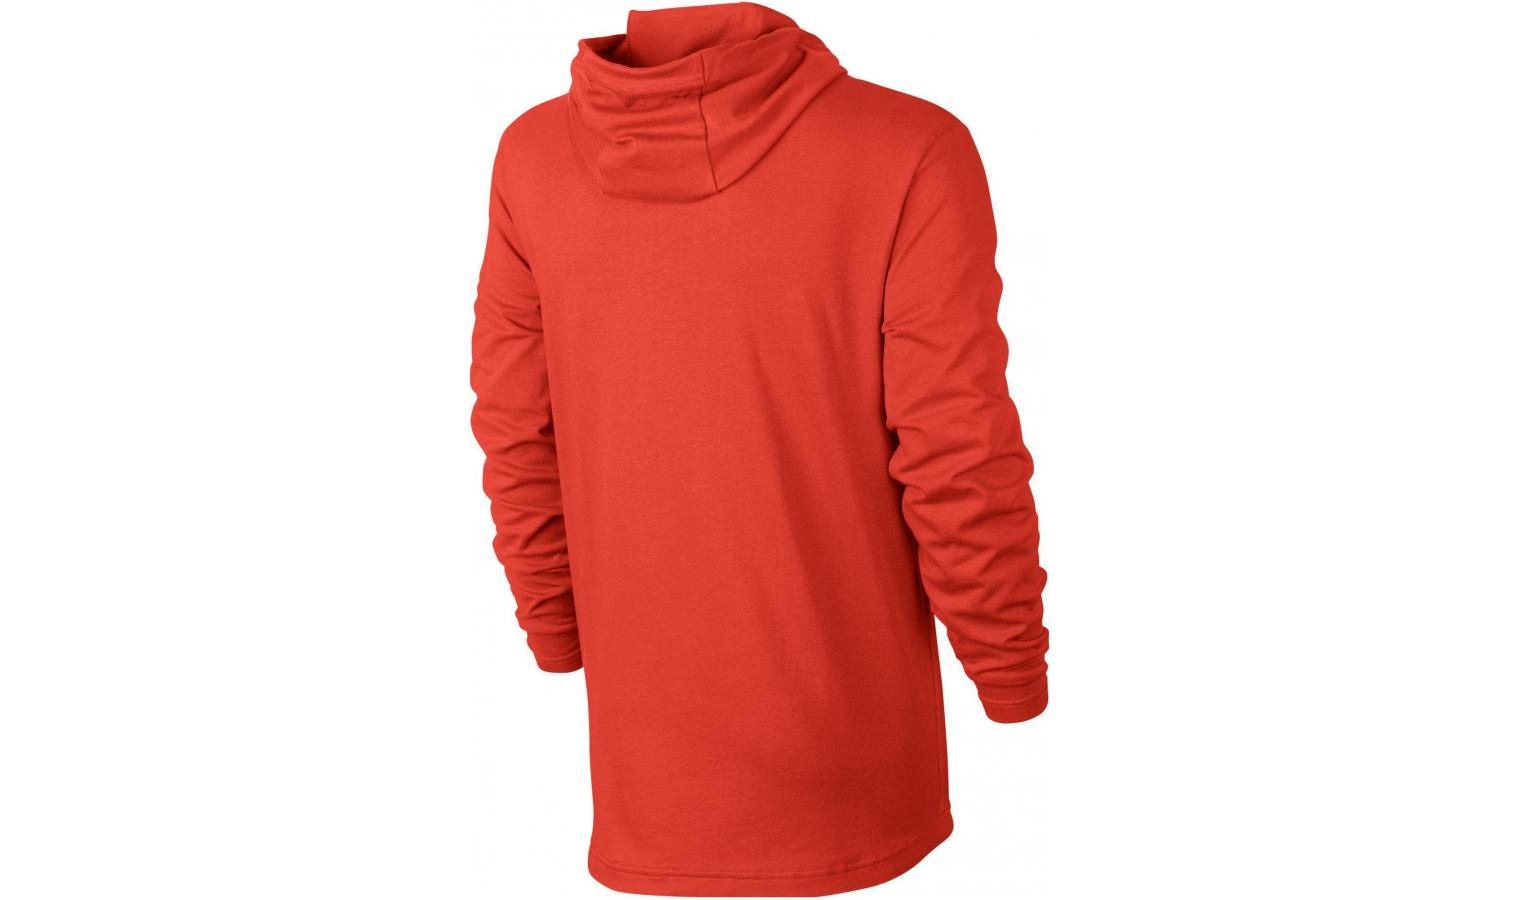 Pánská mikina Nike M HOODIE PO JSY CLUB červená  098efebc73b